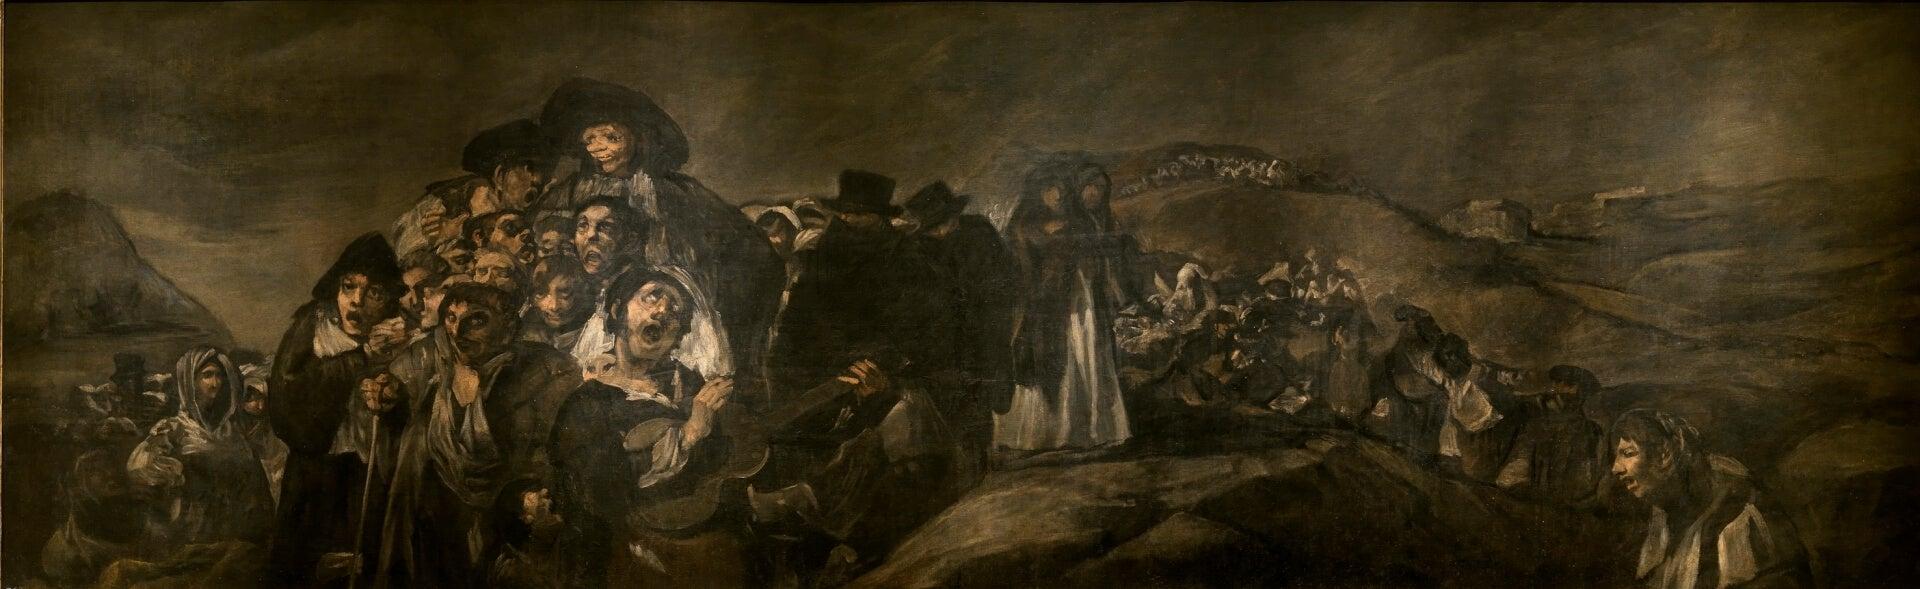 'La romería de San Isidro' de Goya